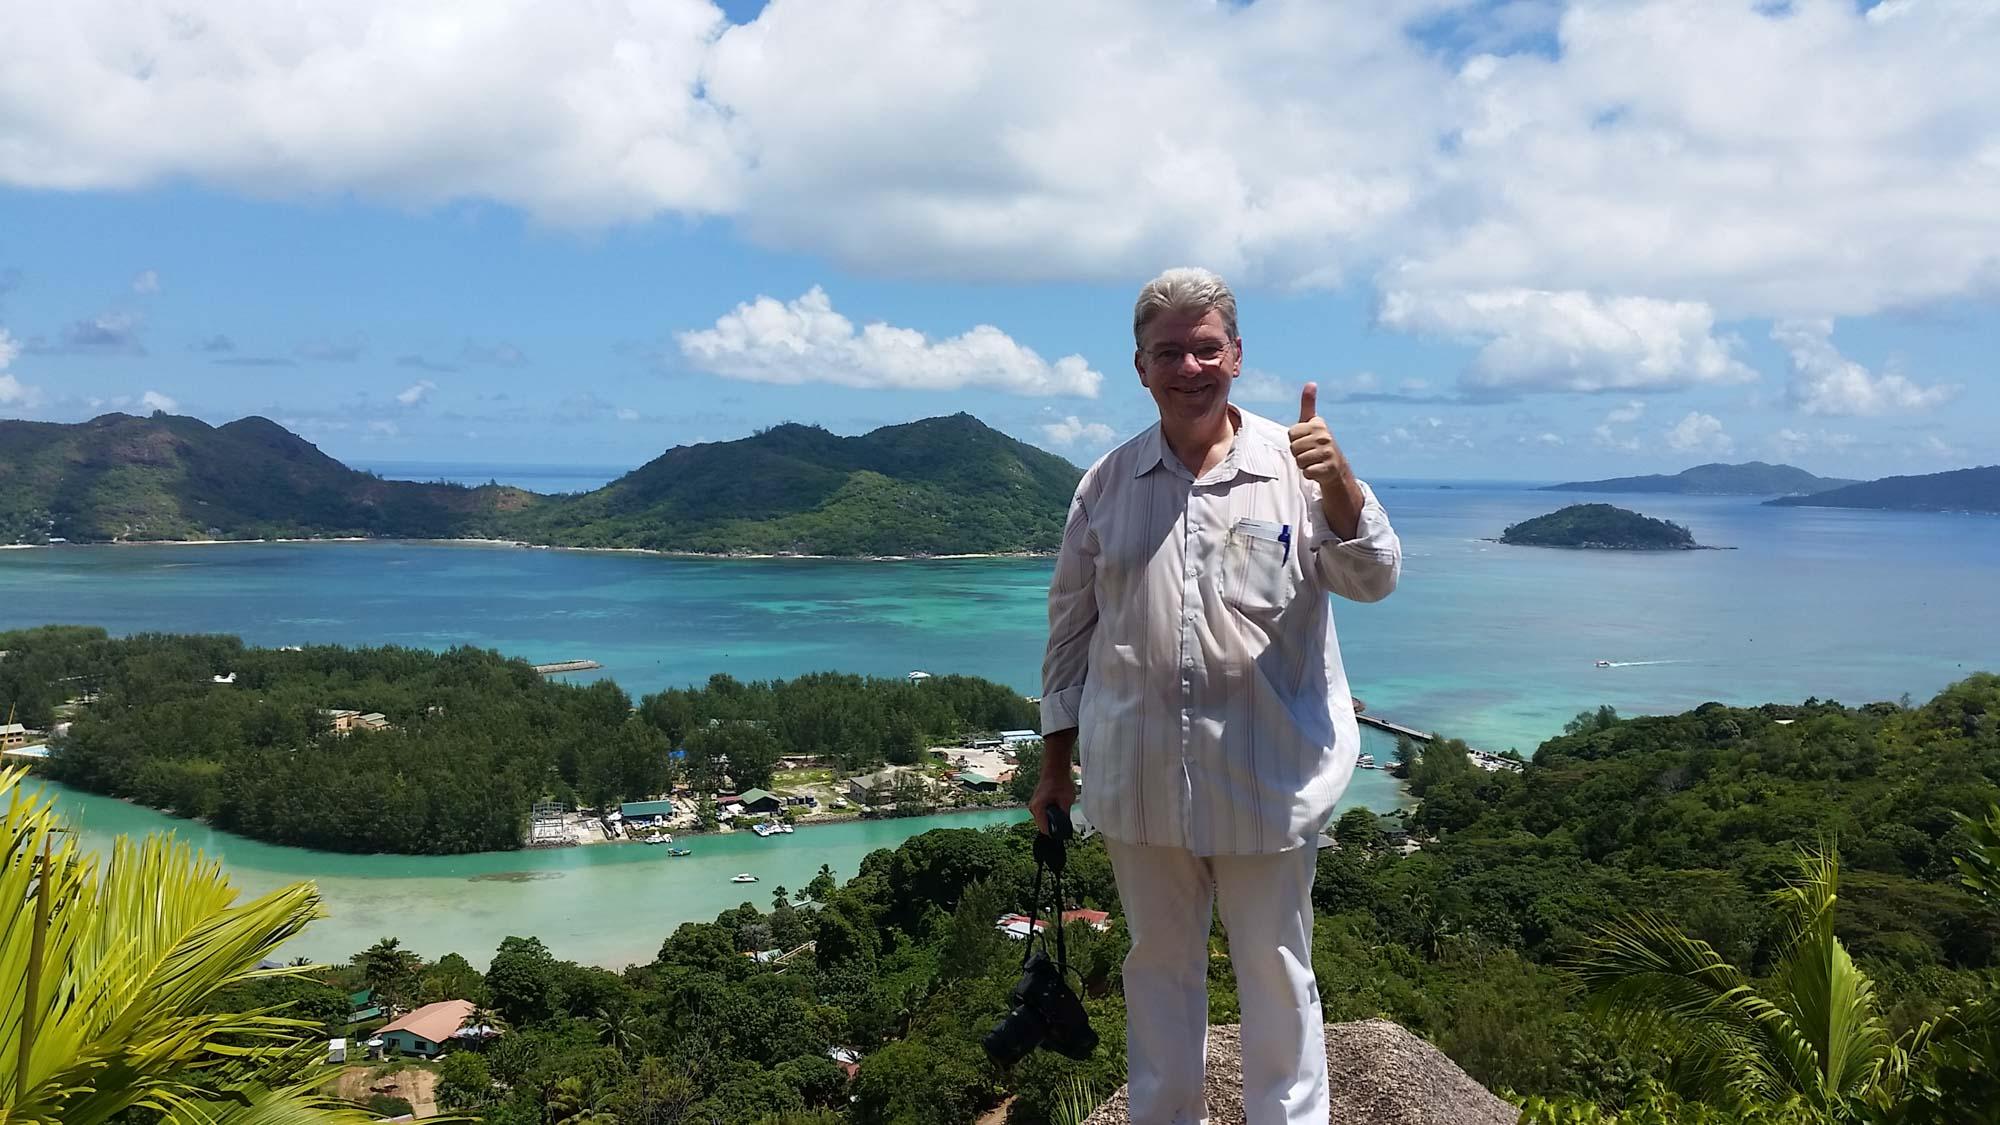 Peter Jurgilewitsch auf dem Ausischtspunkt Fond Ferdinand/Praslin, Seychellen